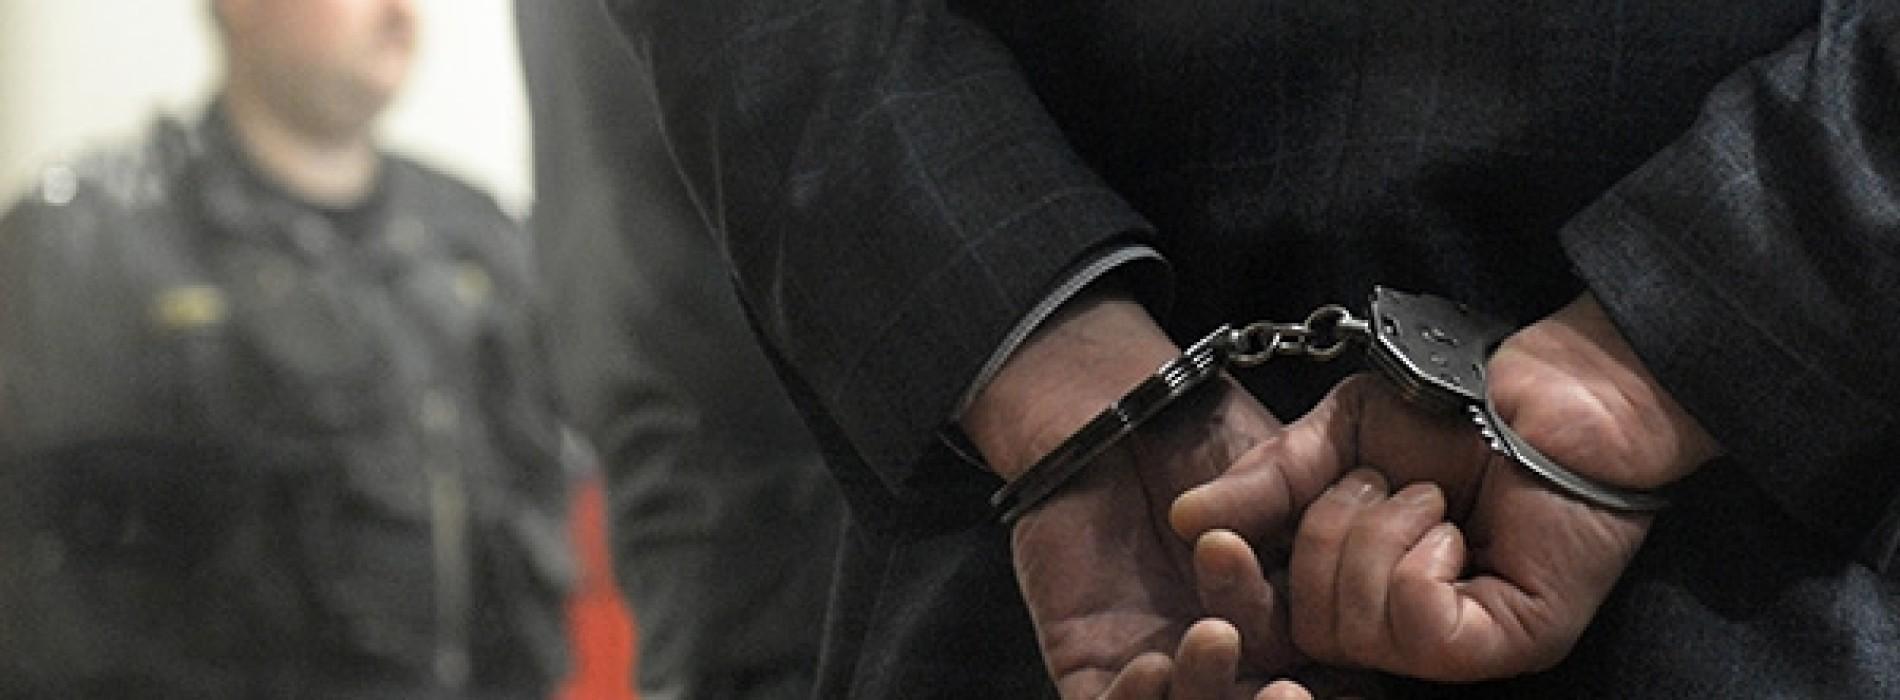 Экс-начальник СИЗО осужден за особые условия для фигуранта «хоргосского дела»